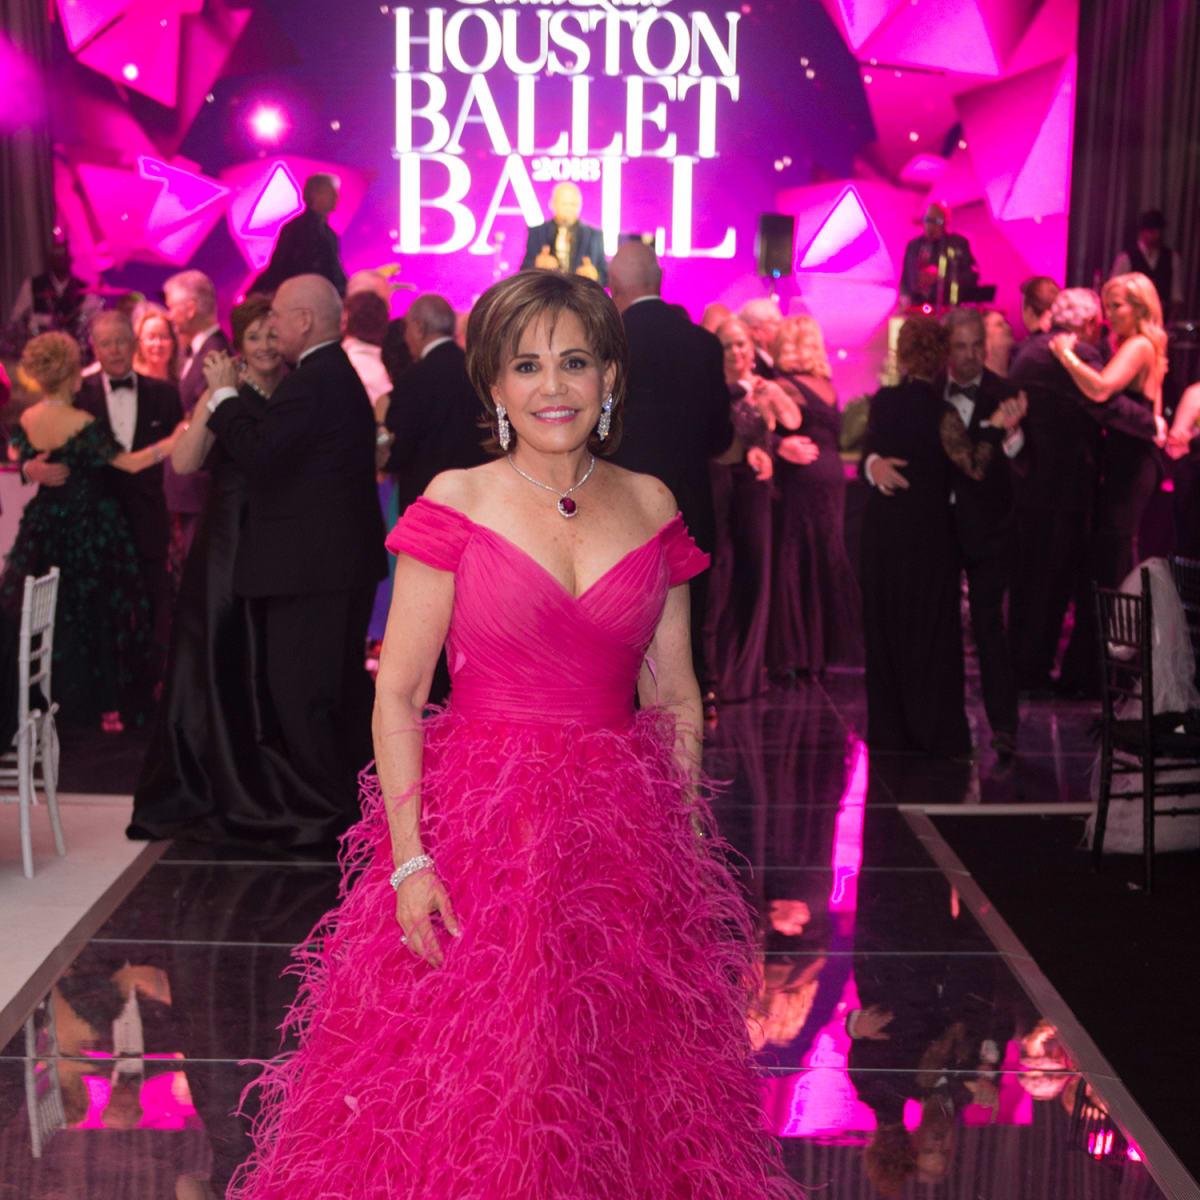 Houston, Ballet Ball, February 2018, Hallie Vanderhider